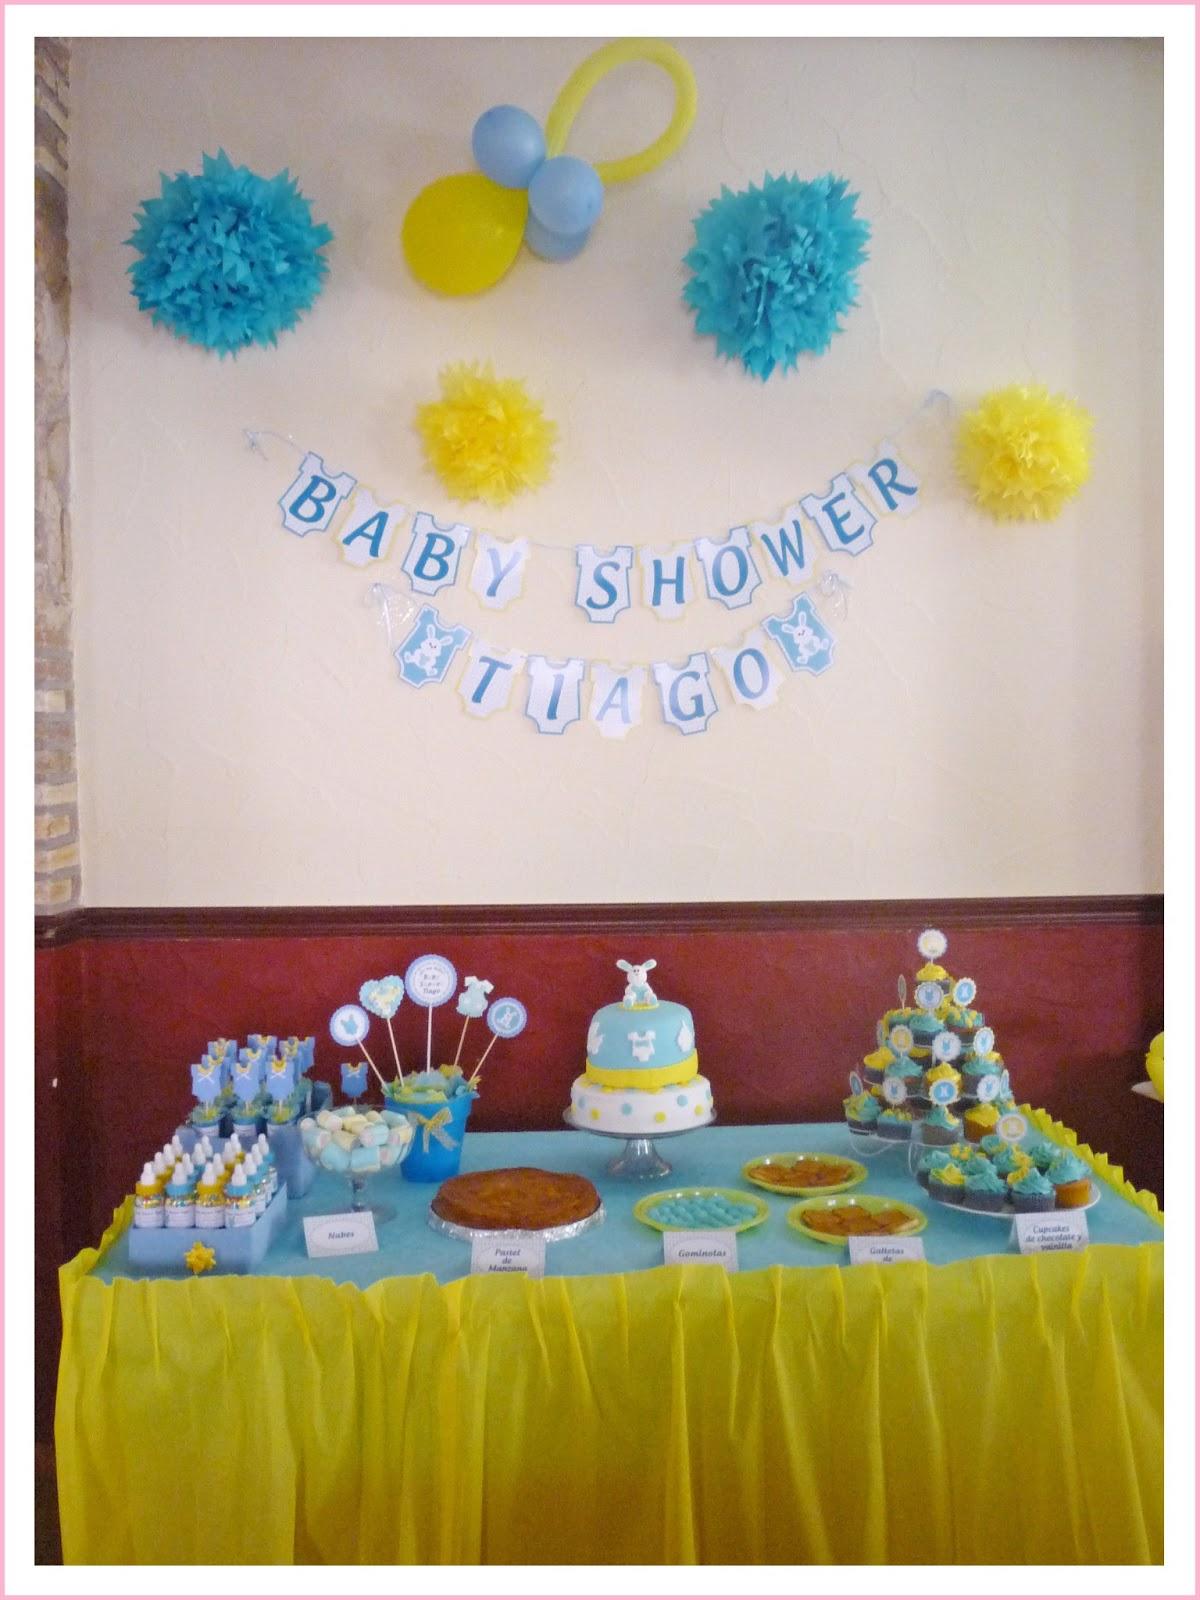 Baby nina fiestas julio 2013 - Decoracion baby shower nina sencillo ...